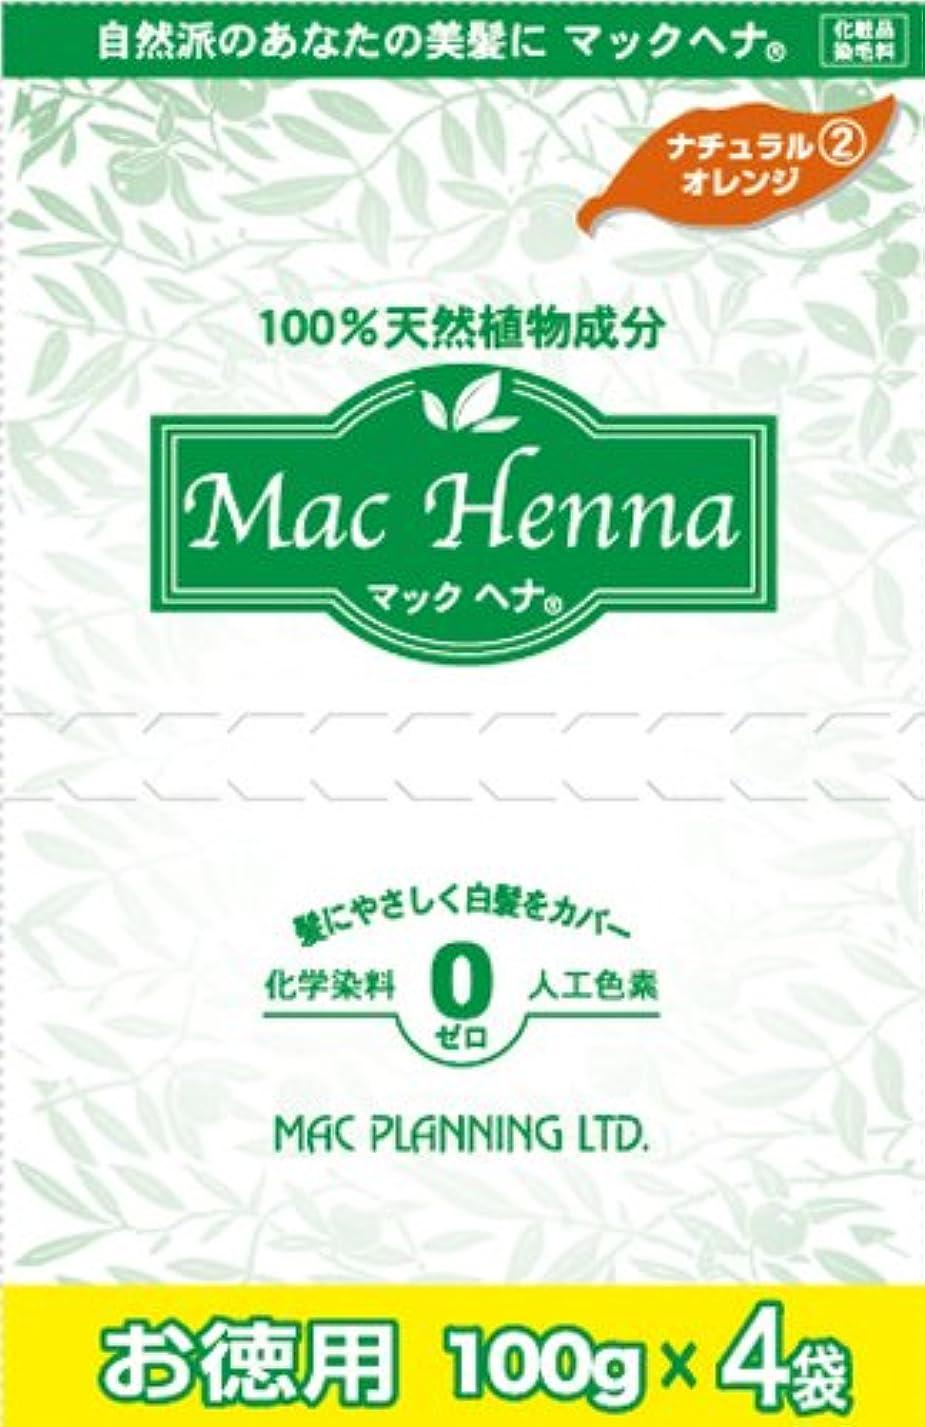 糞転倒機構天然植物原料100% 無添加 マックヘナ お徳用(ナチュラルオレンジ)-2  400g(100g×4袋) 3箱セット